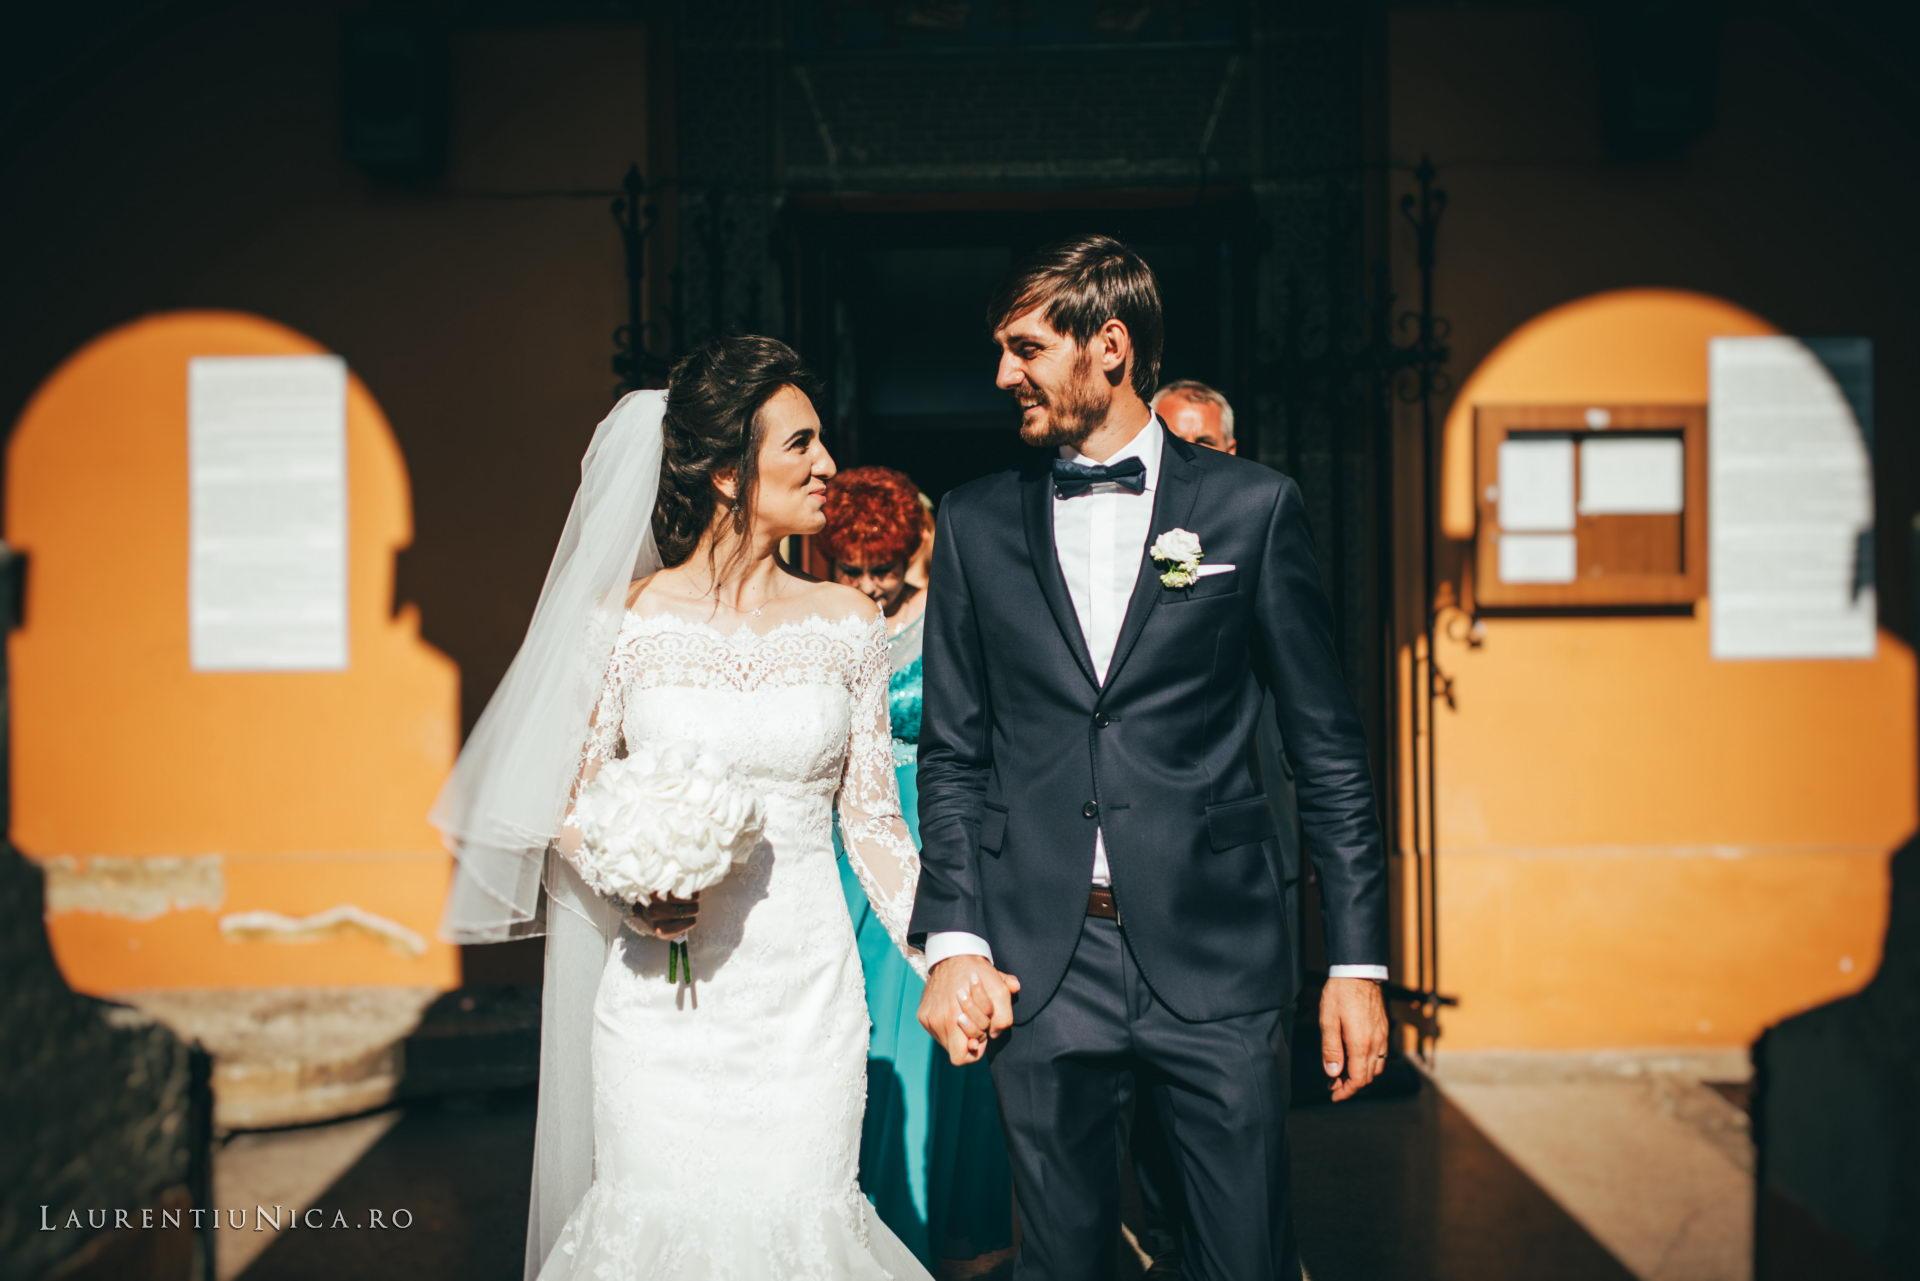 Cristina si Ovidiu nunta Craiova fotograf laurentiu nica 093 - Cristina & Ovidiu | Fotografii nunta | Craiova